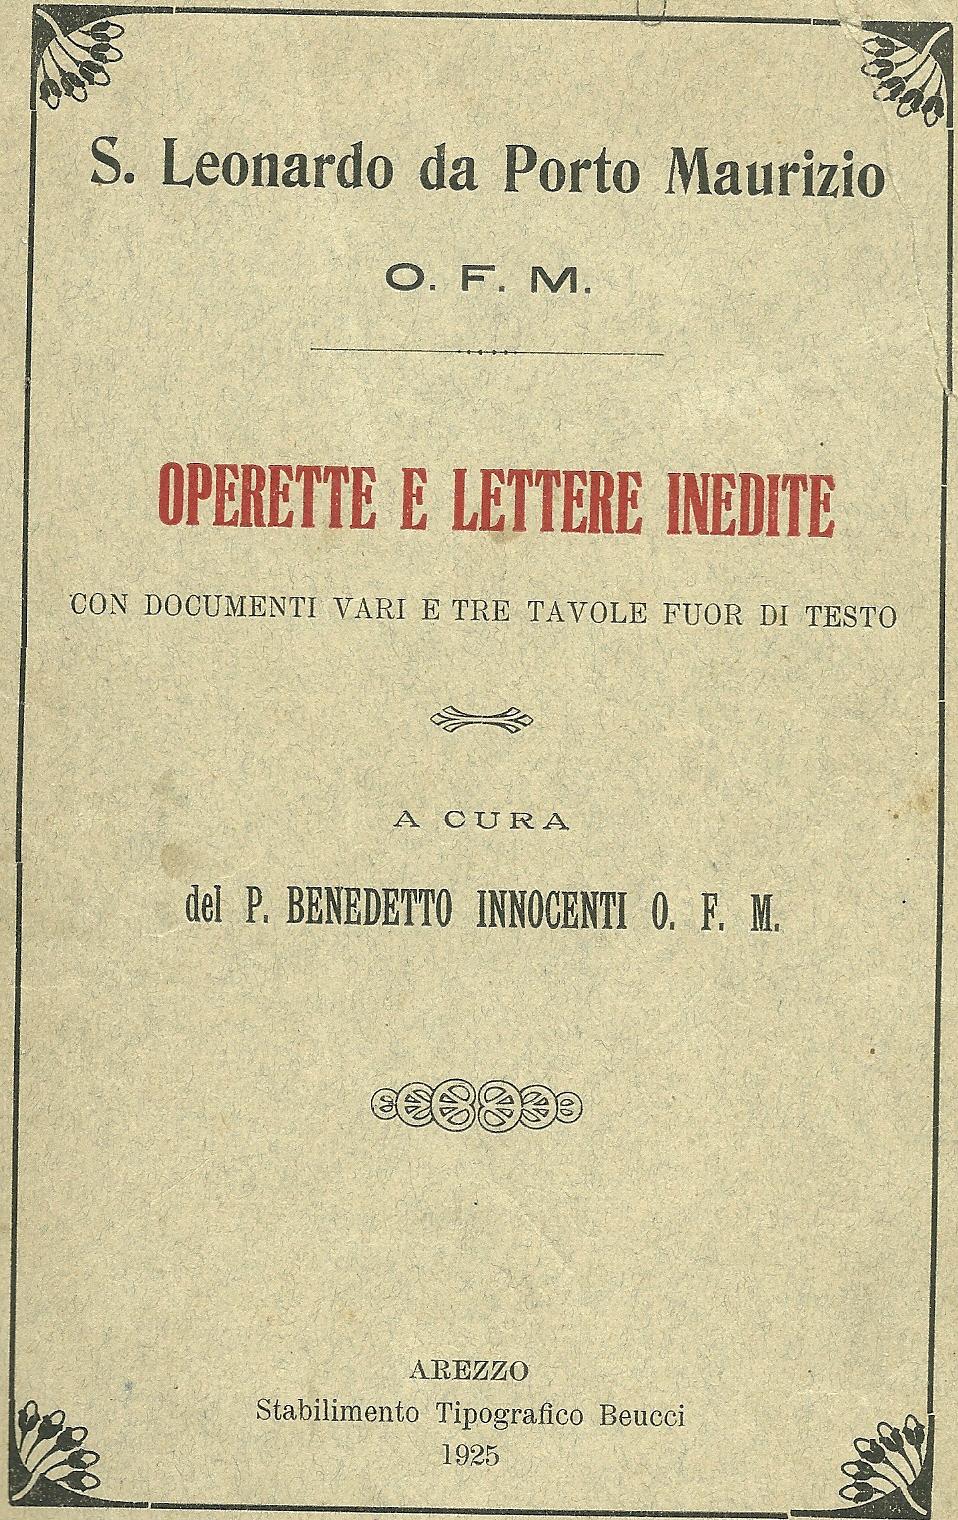 Operette e lettere inedite